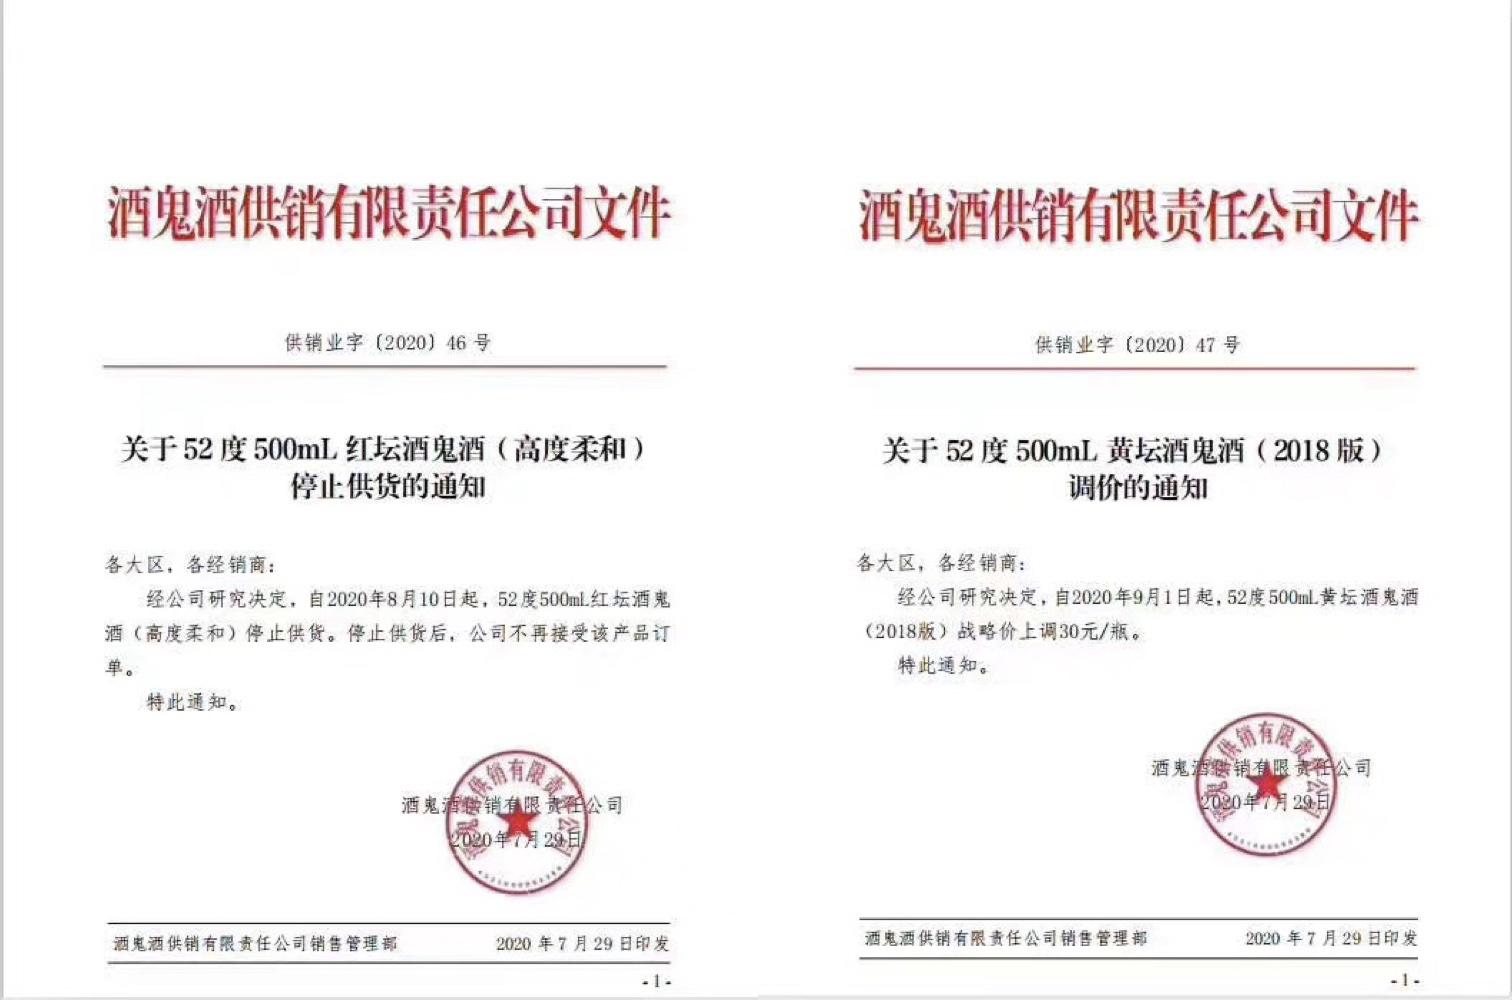 一周酒讯:贵州茅台、水井坊等酒企发半年报,古越龙山修定增方案